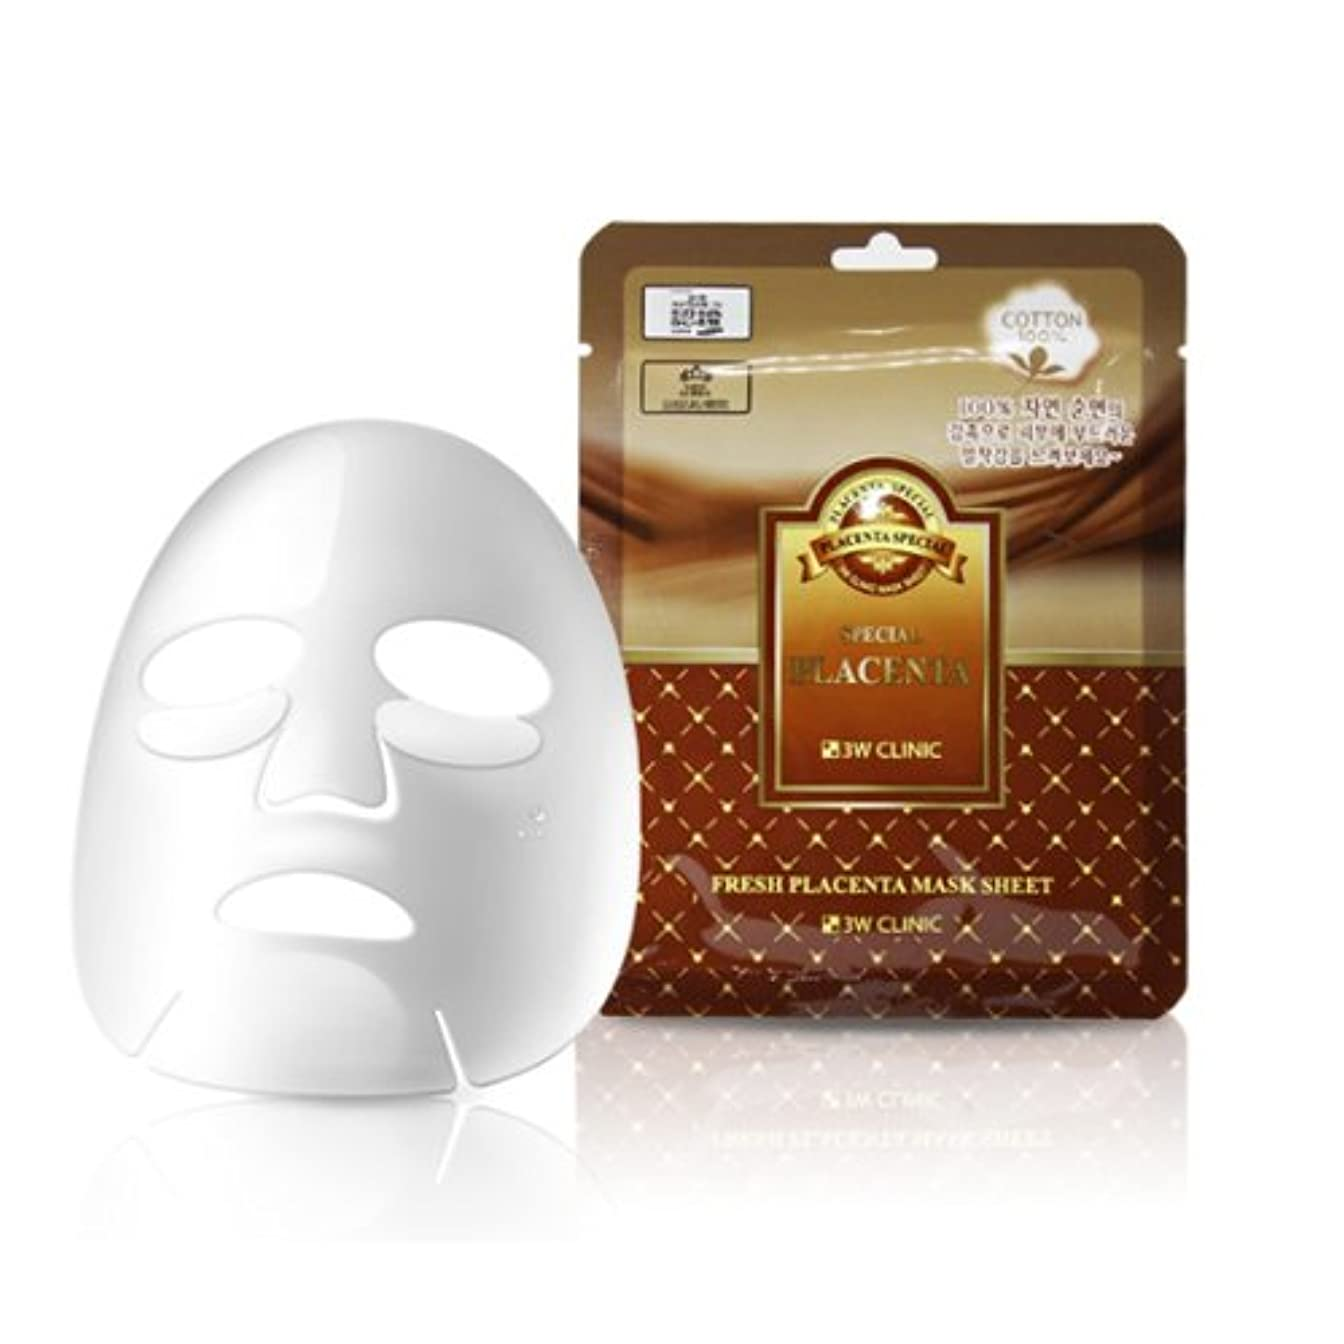 デザイナーフォーマット評価可能3Wクリニック[韓国コスメ3w Clinic]Premium Placenta Mask Pack プレミアムプラセンタシートマスクパック10枚[並行輸入品]